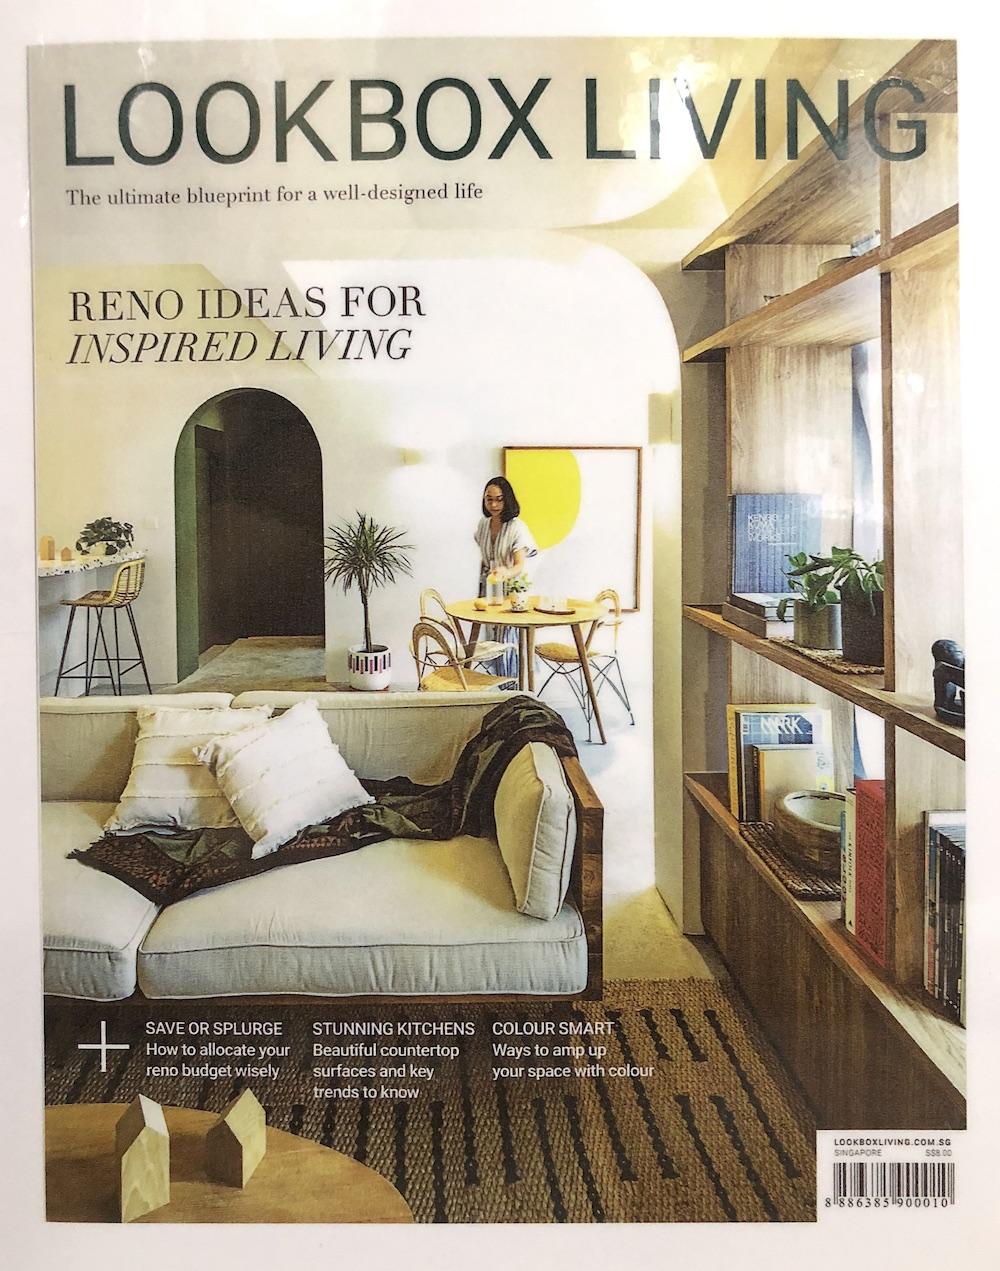 lookbox-living-efenz-sembawang-lighting-house-1.jpg